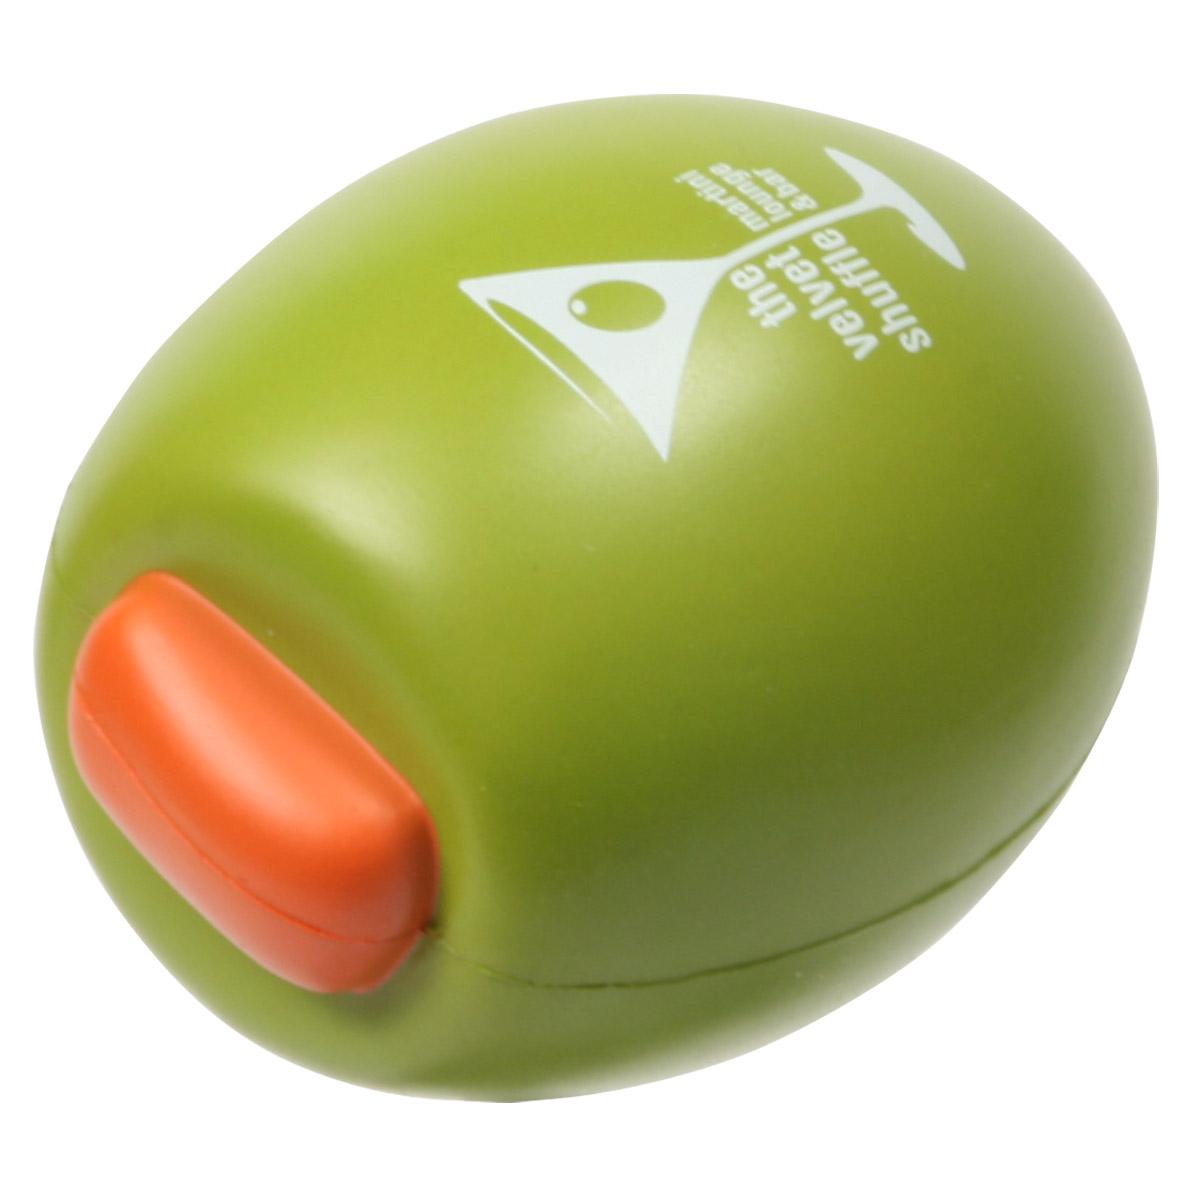 Olive Stress Reliever, LFR-LV08, 1 Colour Imprint